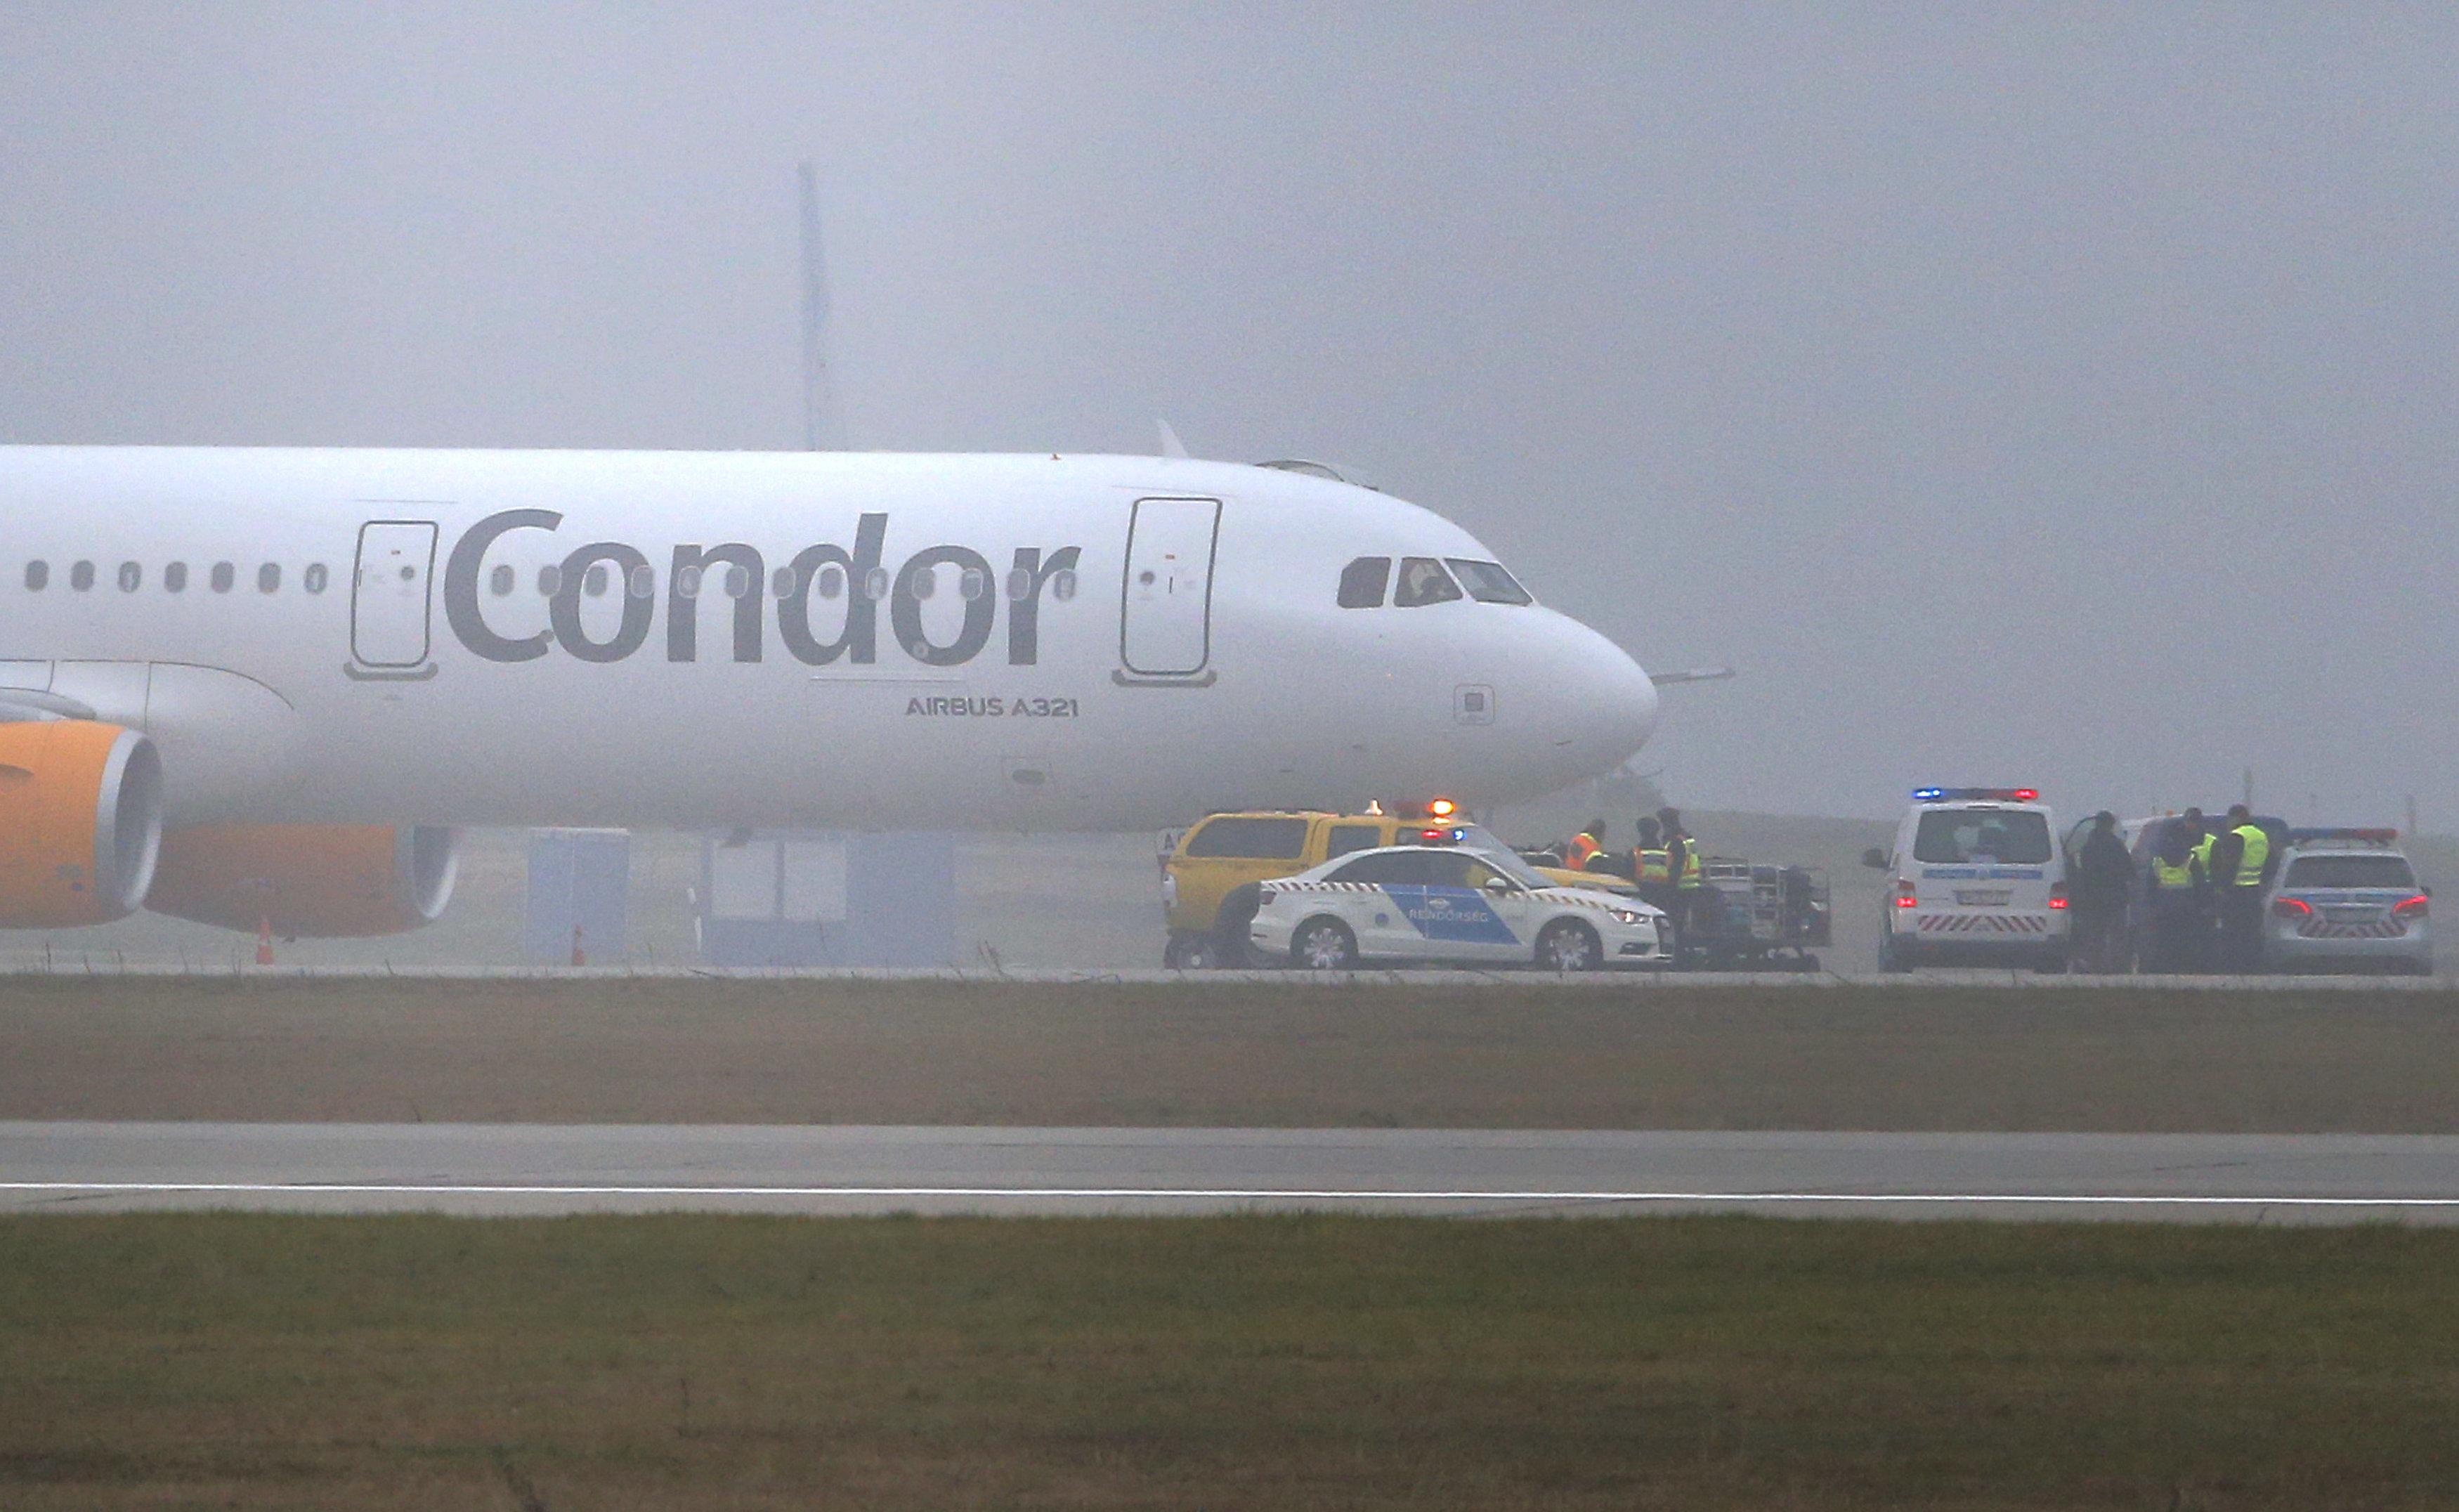 Krawallmacher zwingt Ferienflieger zu Zwischenlandung